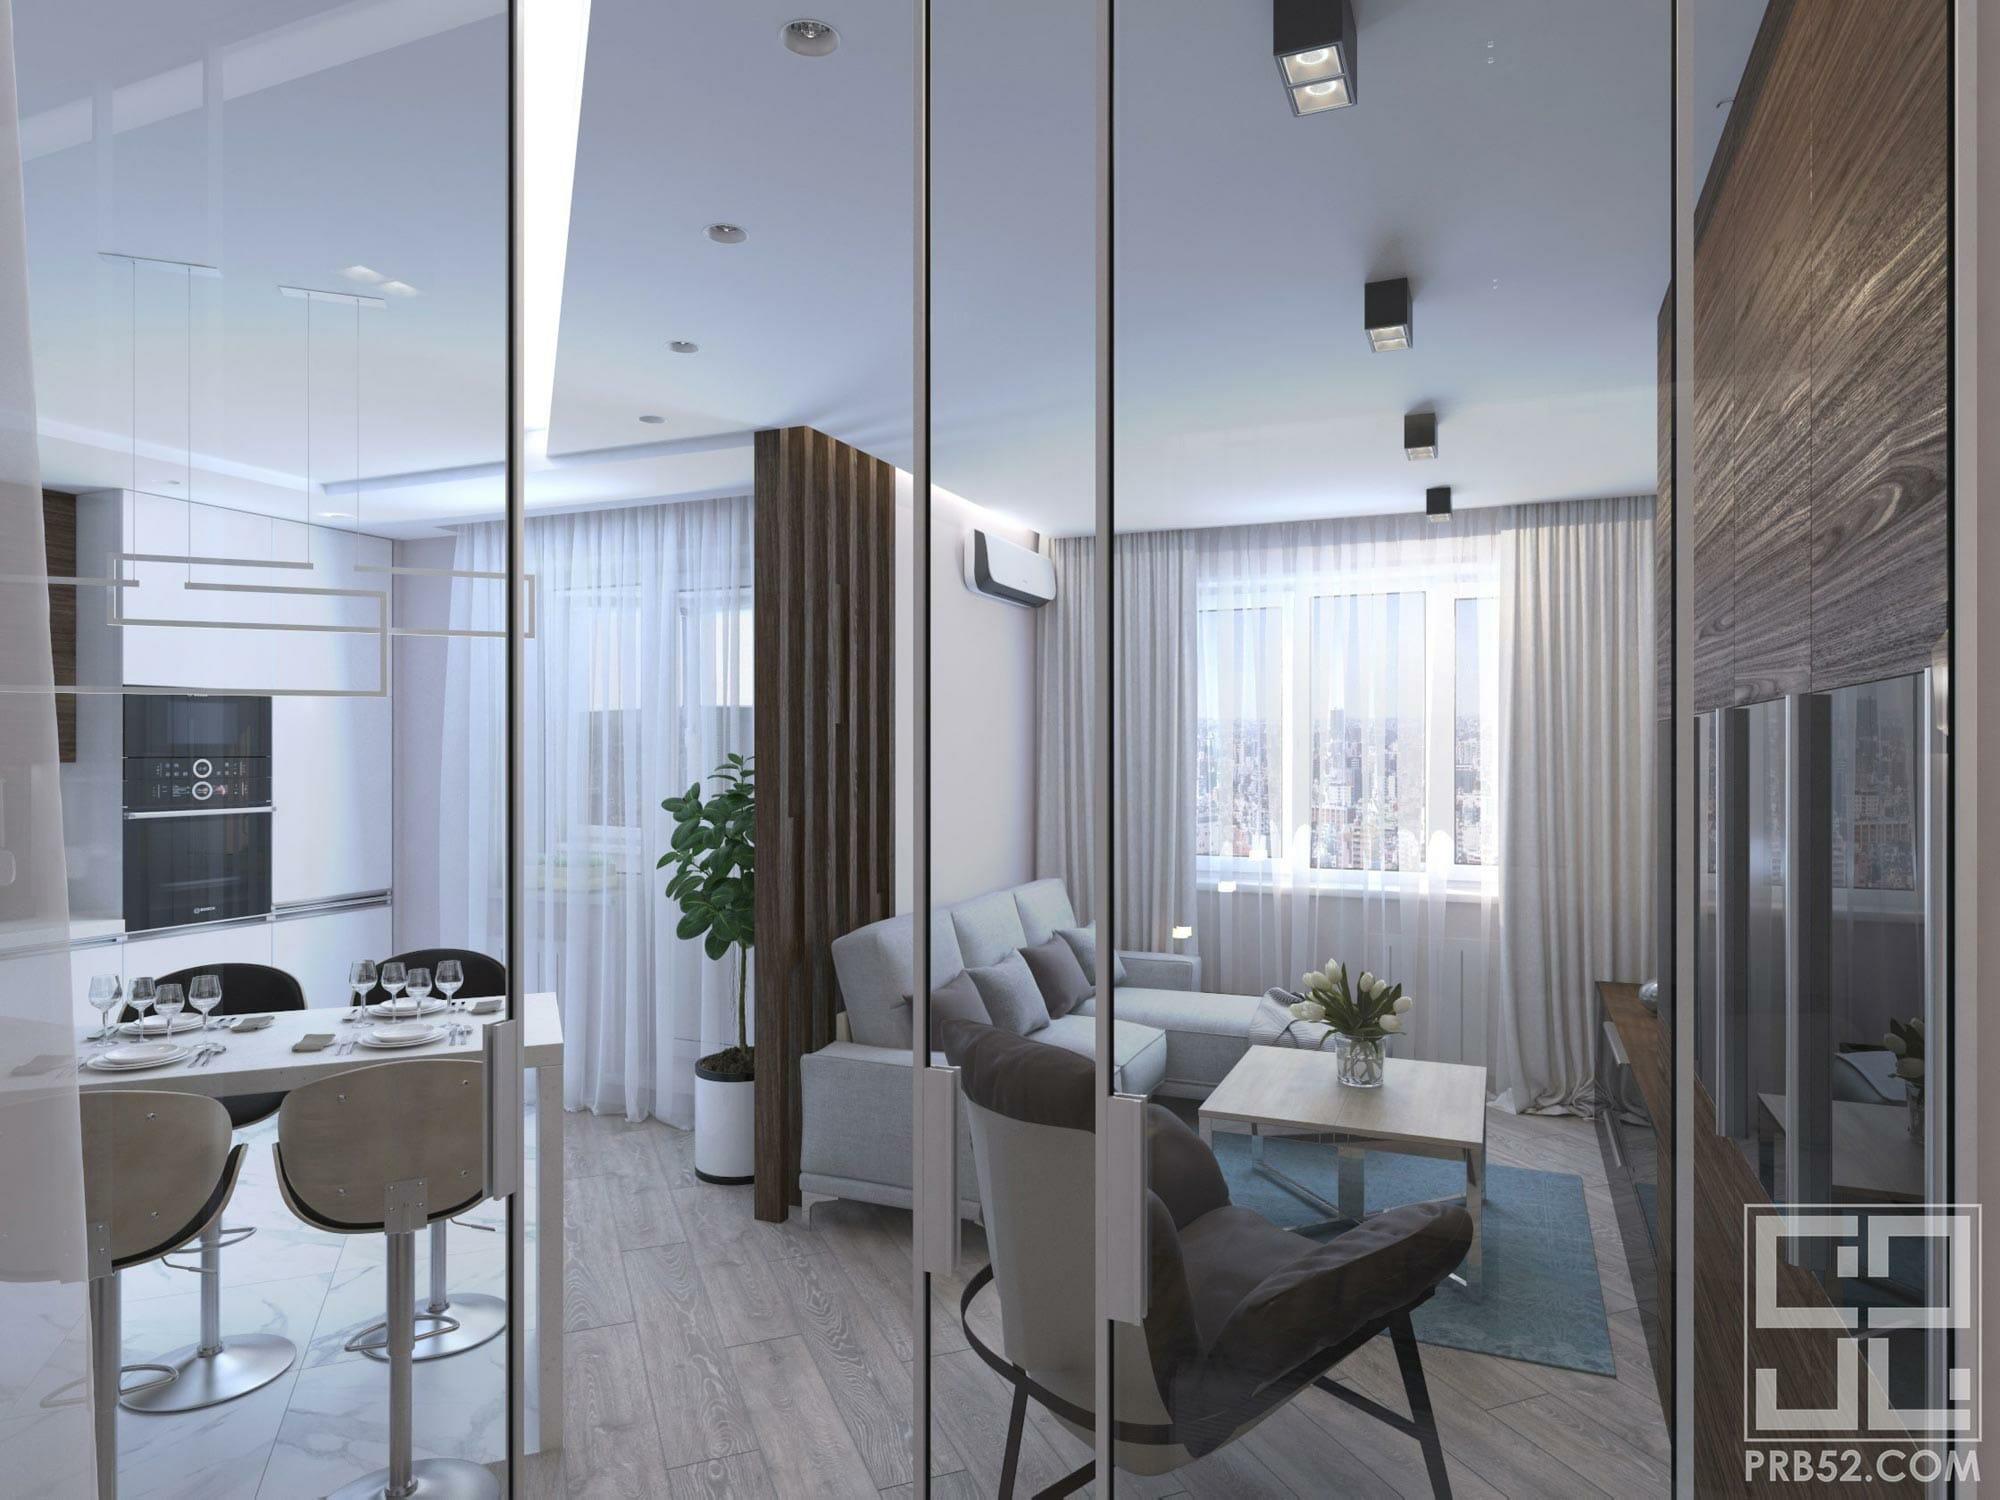 дизайн интерьера гостиной в студии